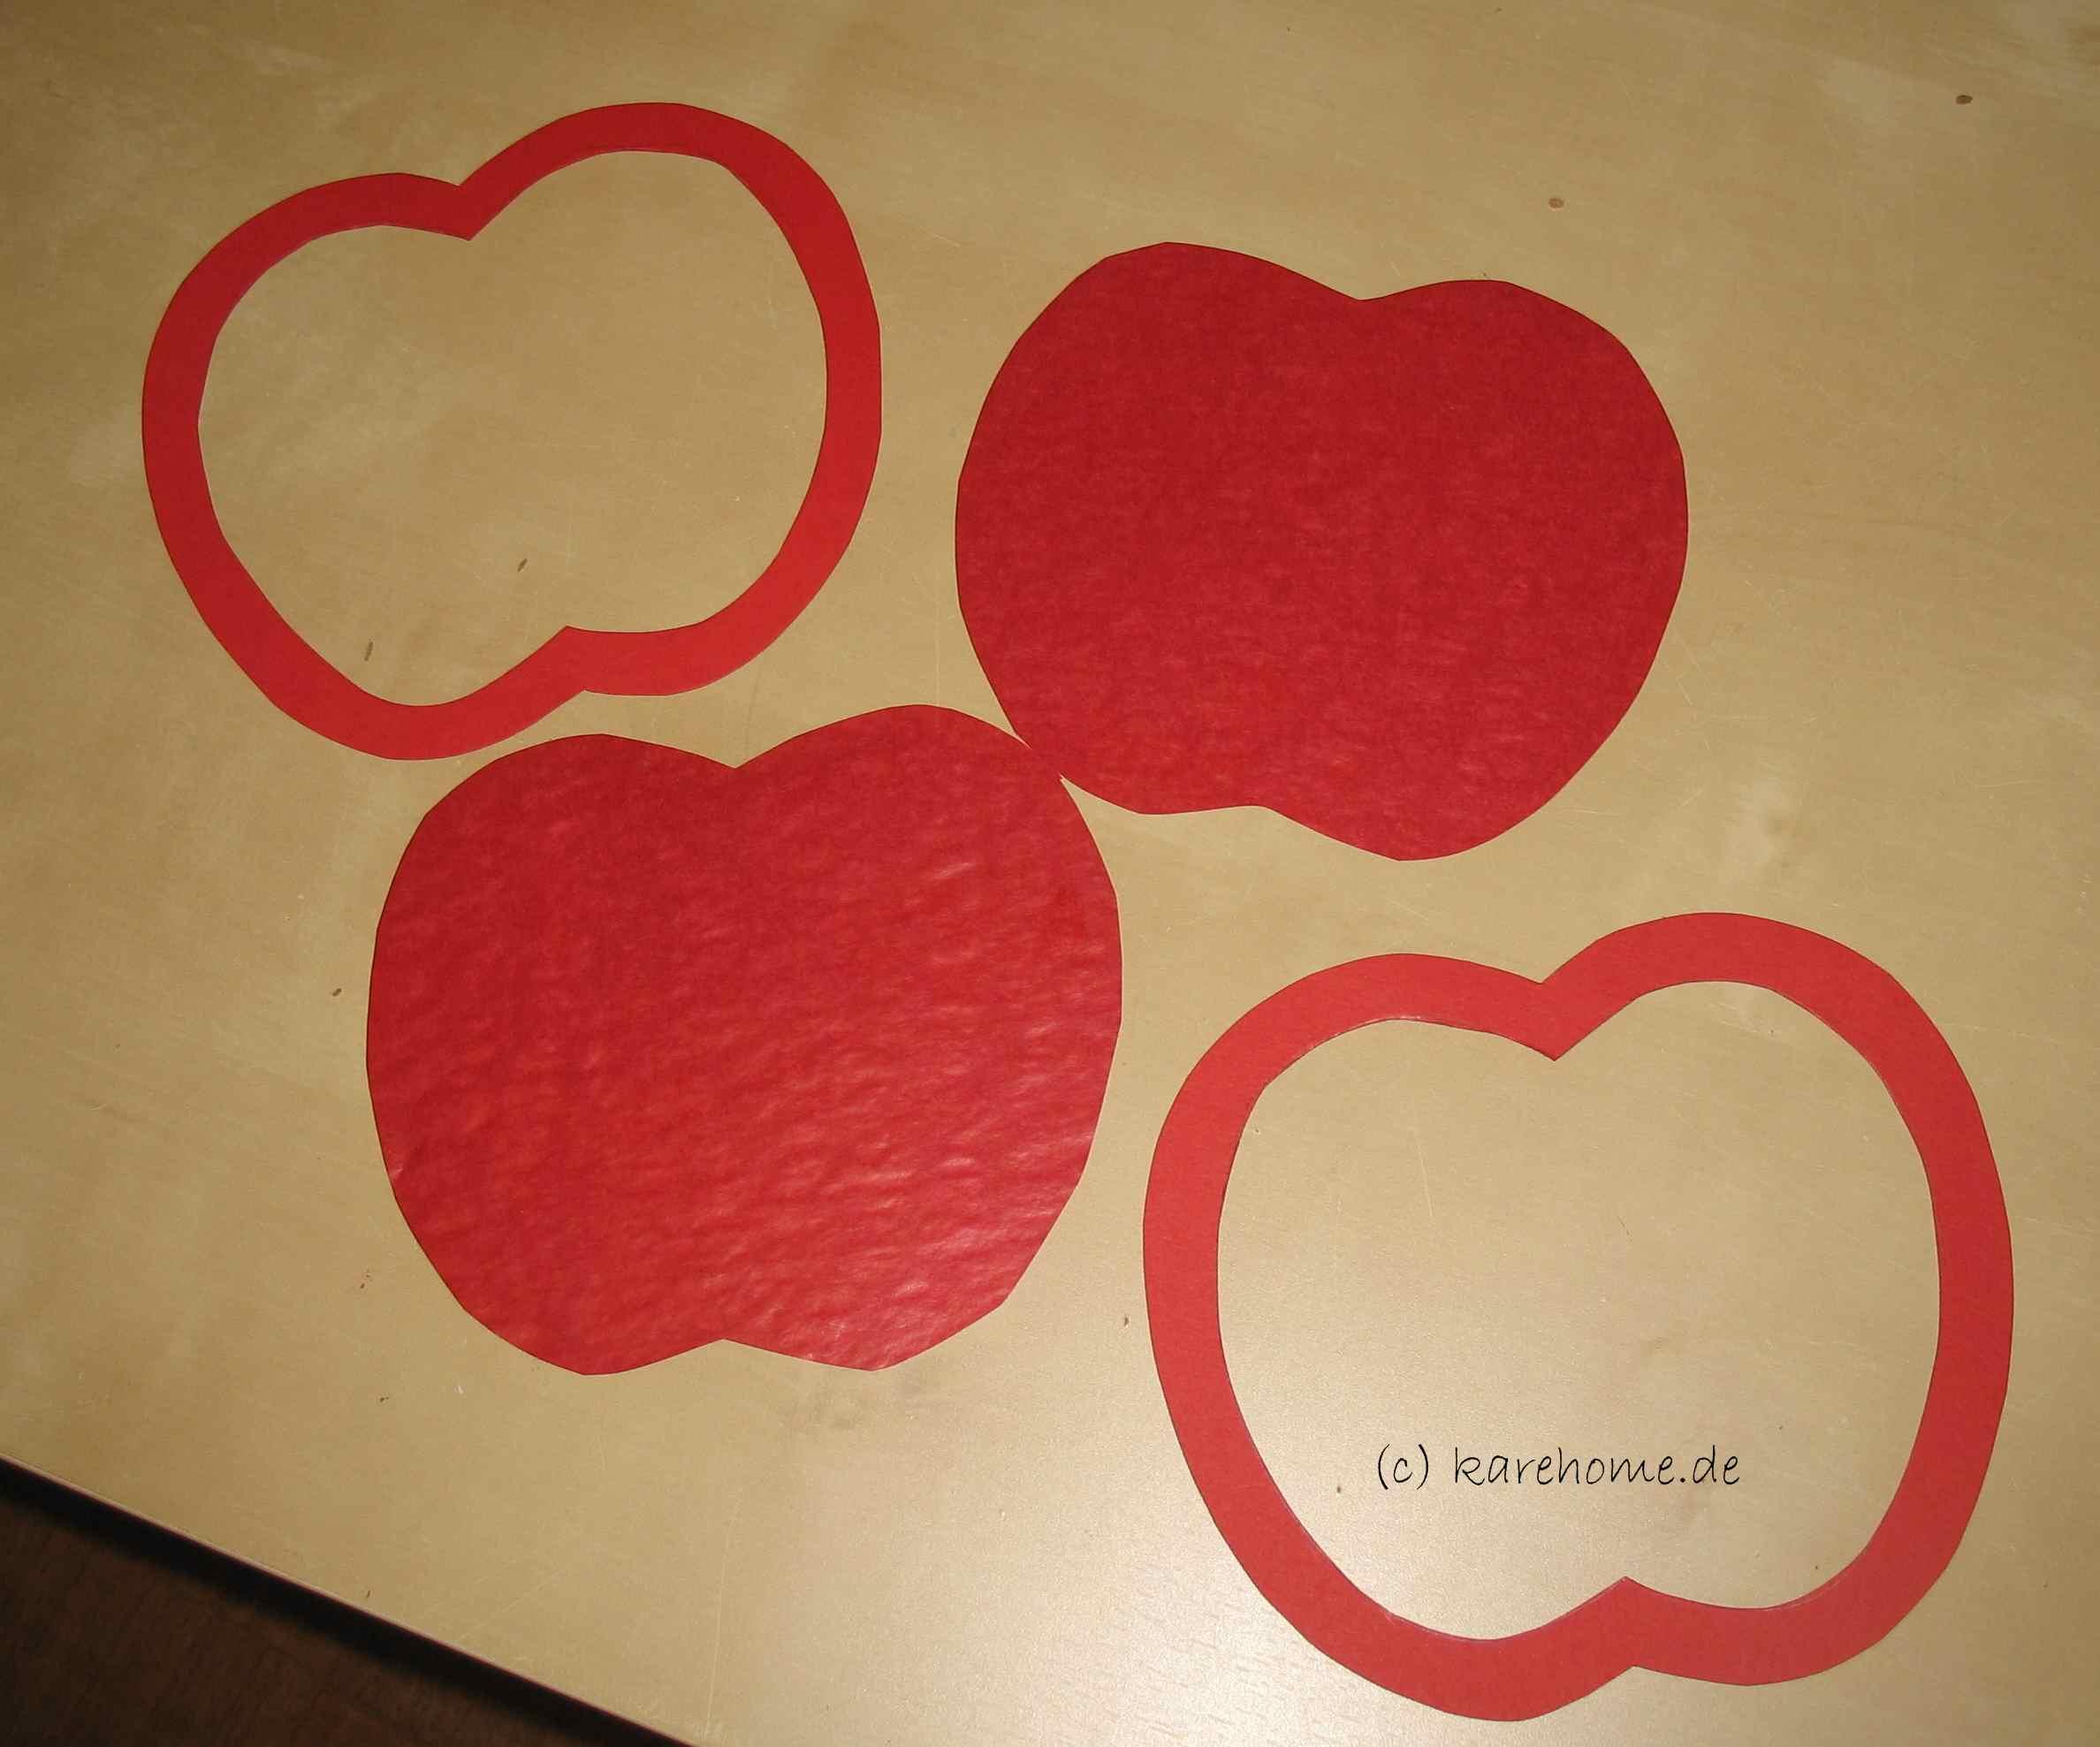 Laterne Basteln Für Kinder: Einen Apfel – Karehome mit Bastelvorlage Apfel